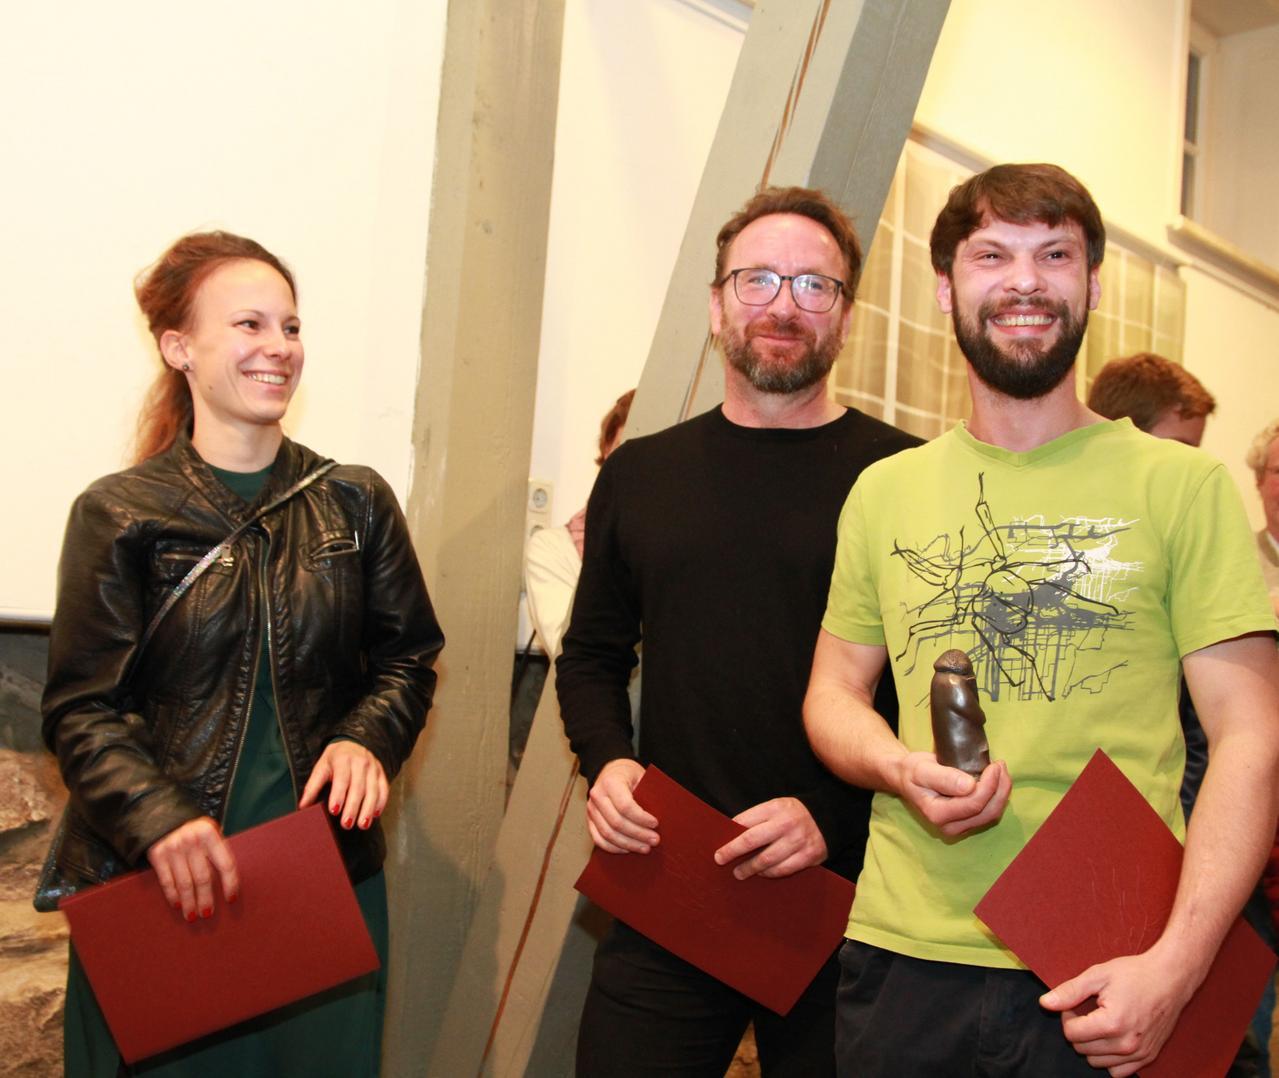 Andreas-Kunstpreis für Kalle J. Spielvogel